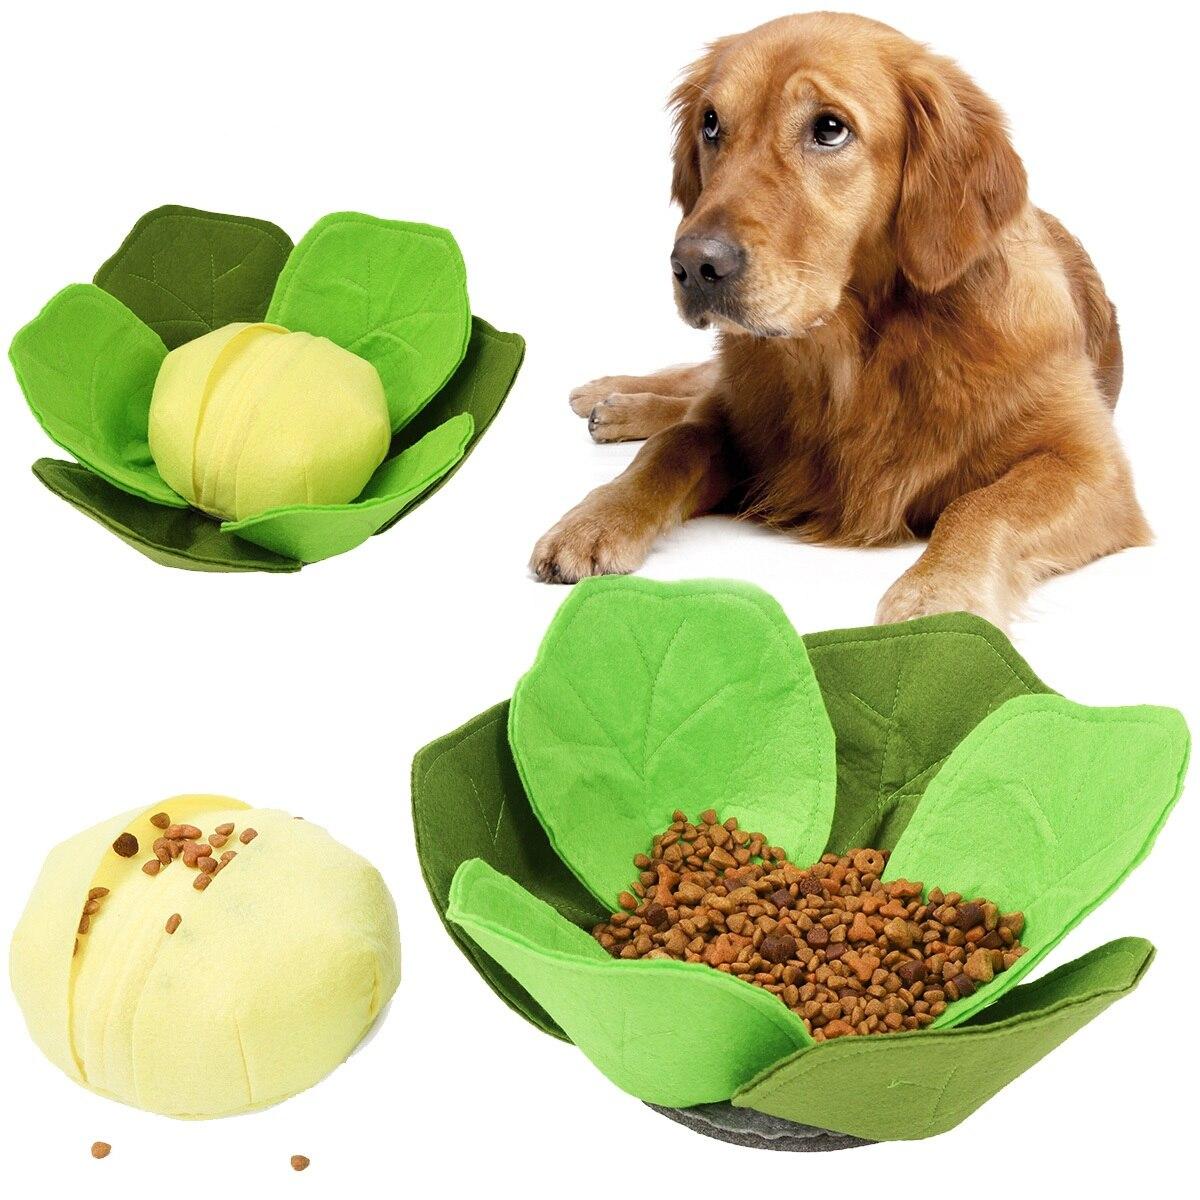 Dog Sniffing Toys Nose Training Food Feeders Dog Washable Puzzle Training Slowing Feeding Bowl Device